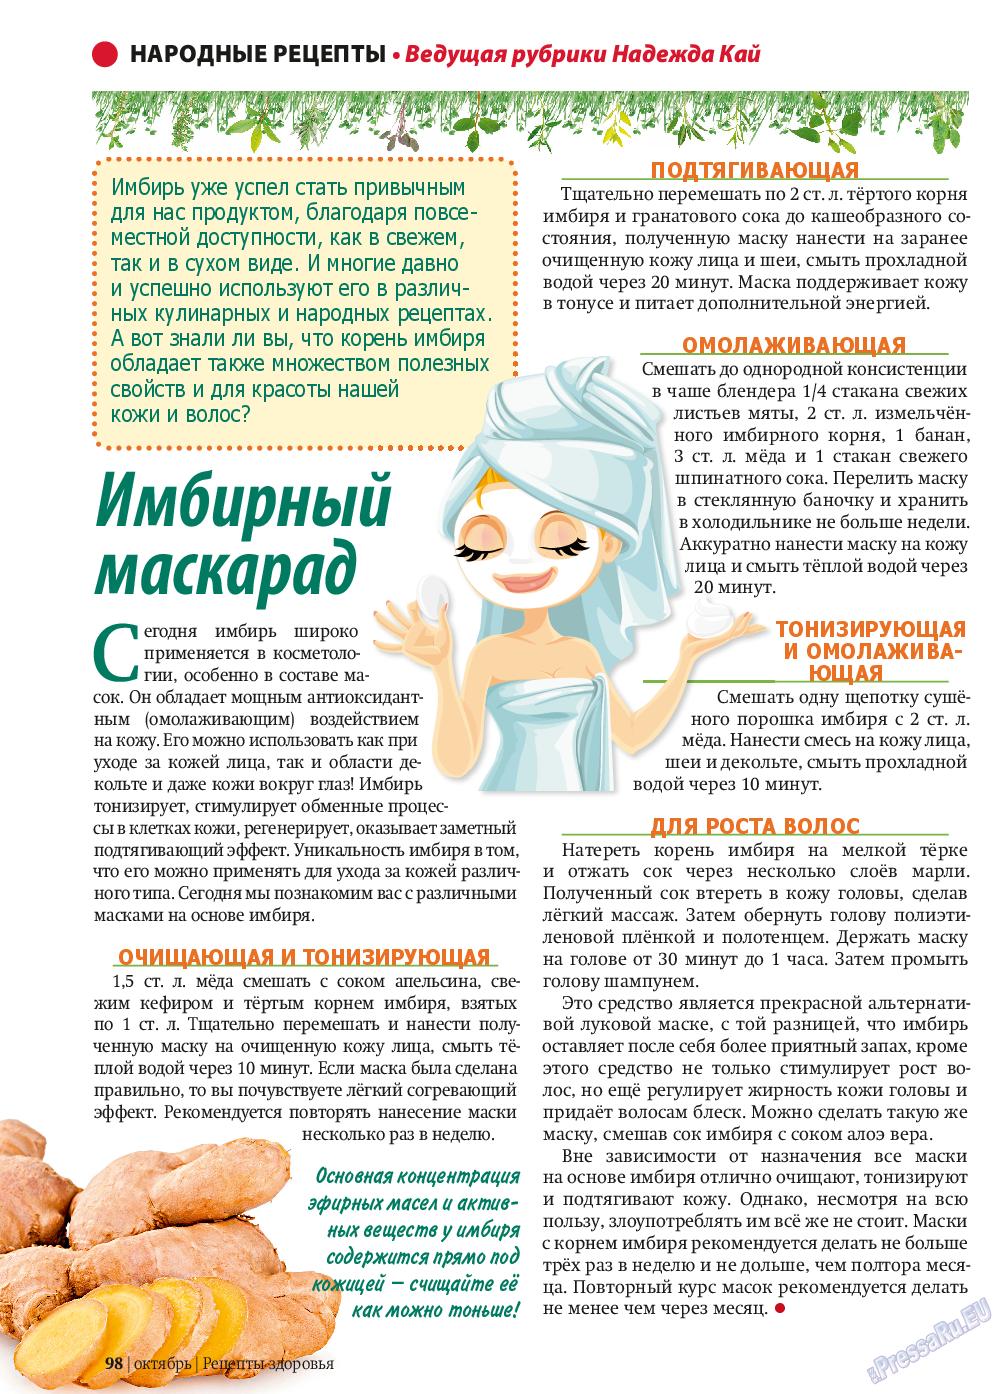 Картинки с рецептами о здоровье